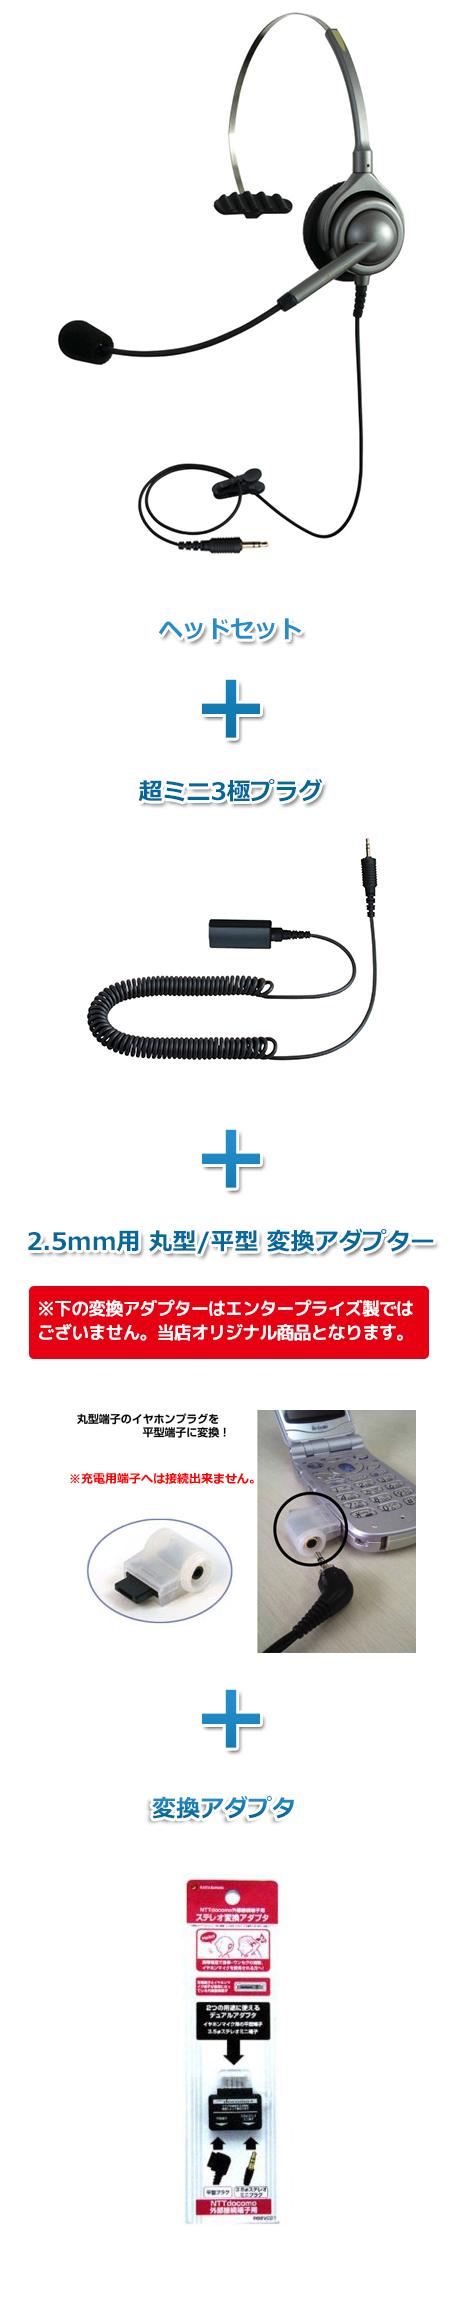 エンタープライズ製(日本製)ヘッドセット(外部接続端子接続 EN-M・M20・VH-0201・RB8VC01)